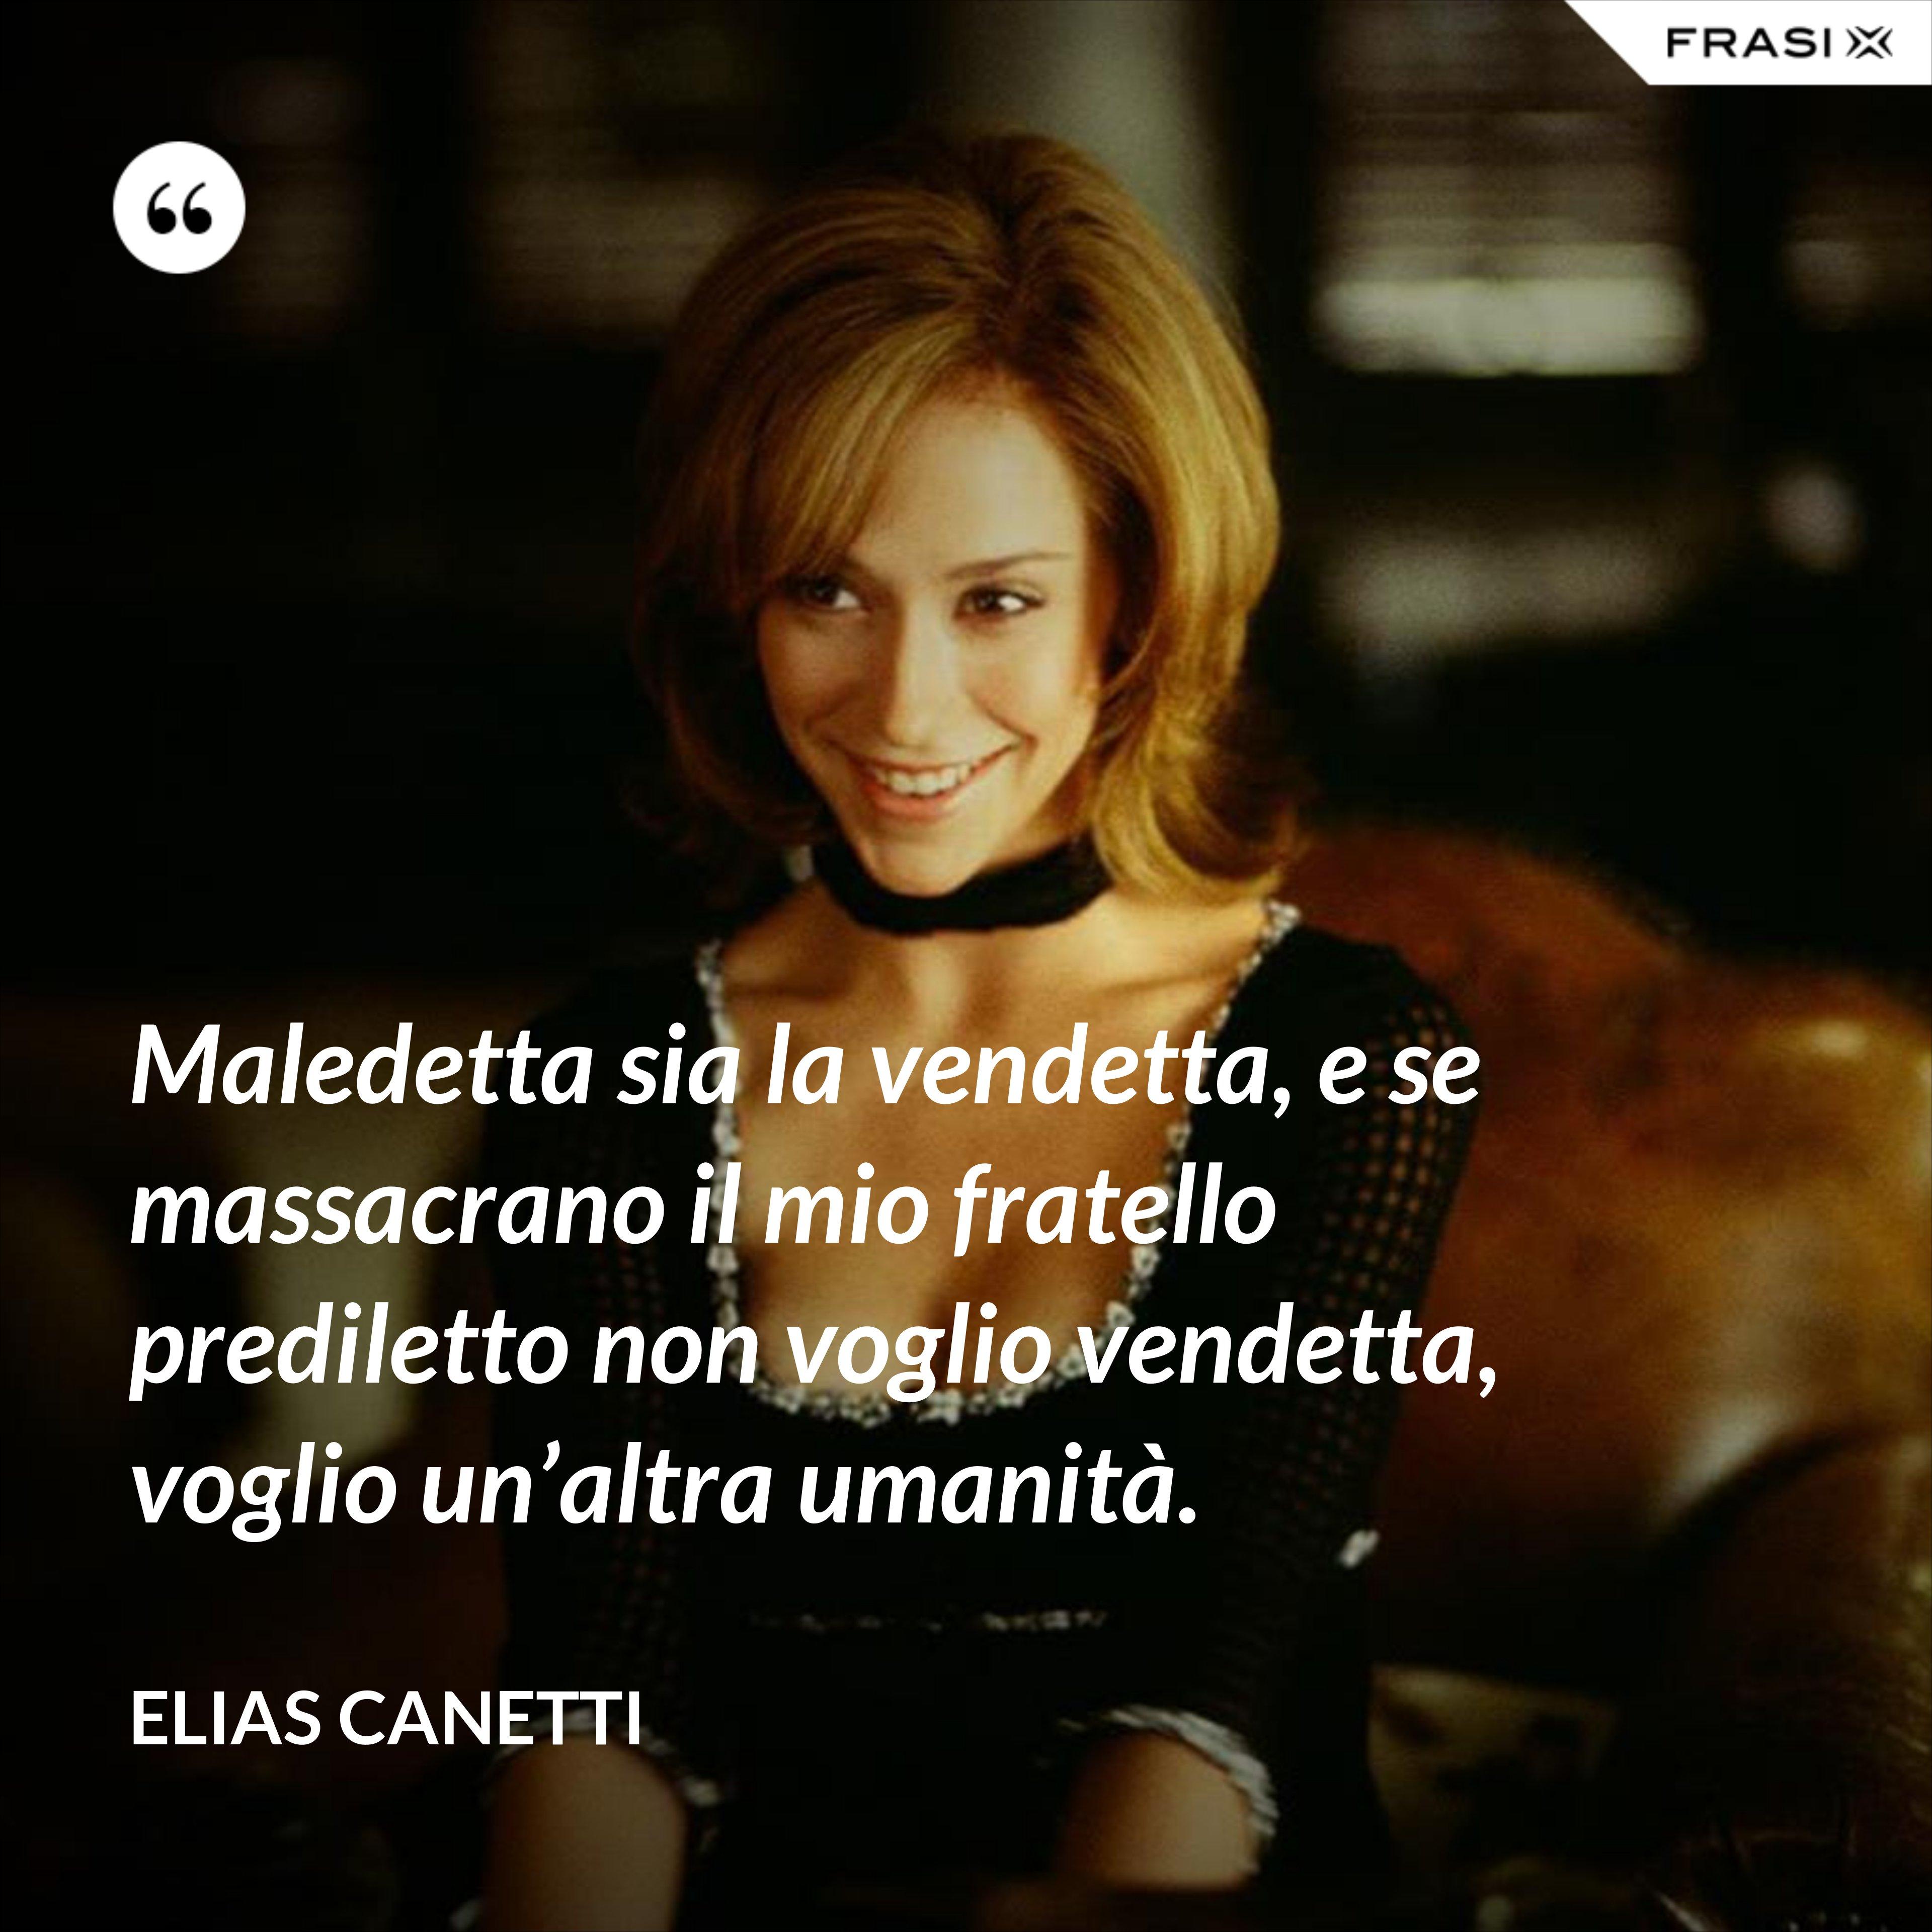 Maledetta sia la vendetta, e se massacrano il mio fratello prediletto non voglio vendetta, voglio un'altra umanità. - Elias Canetti